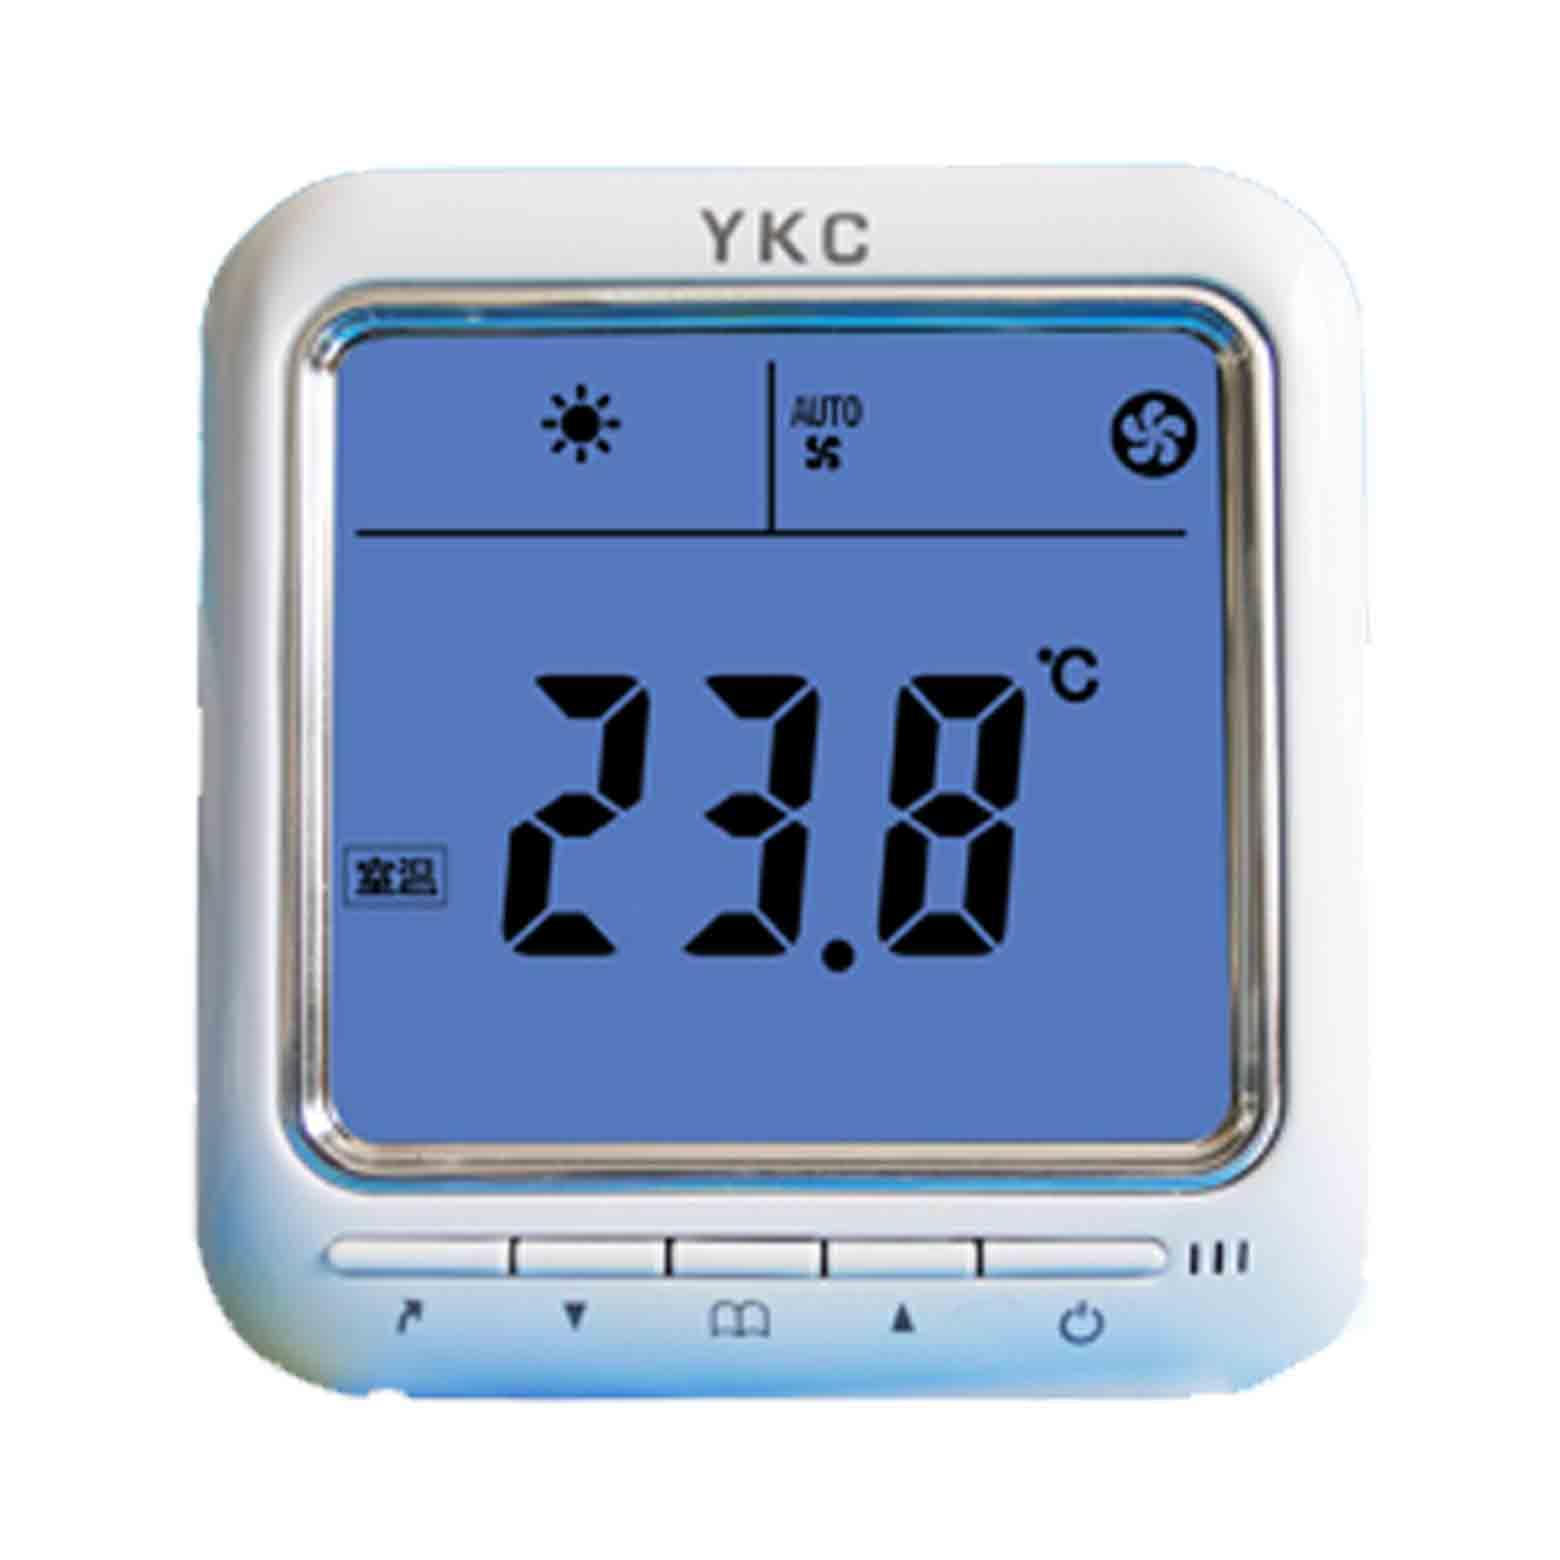 YKC8700超大液晶顯示溫控器(可選帶485網絡通訊功能)